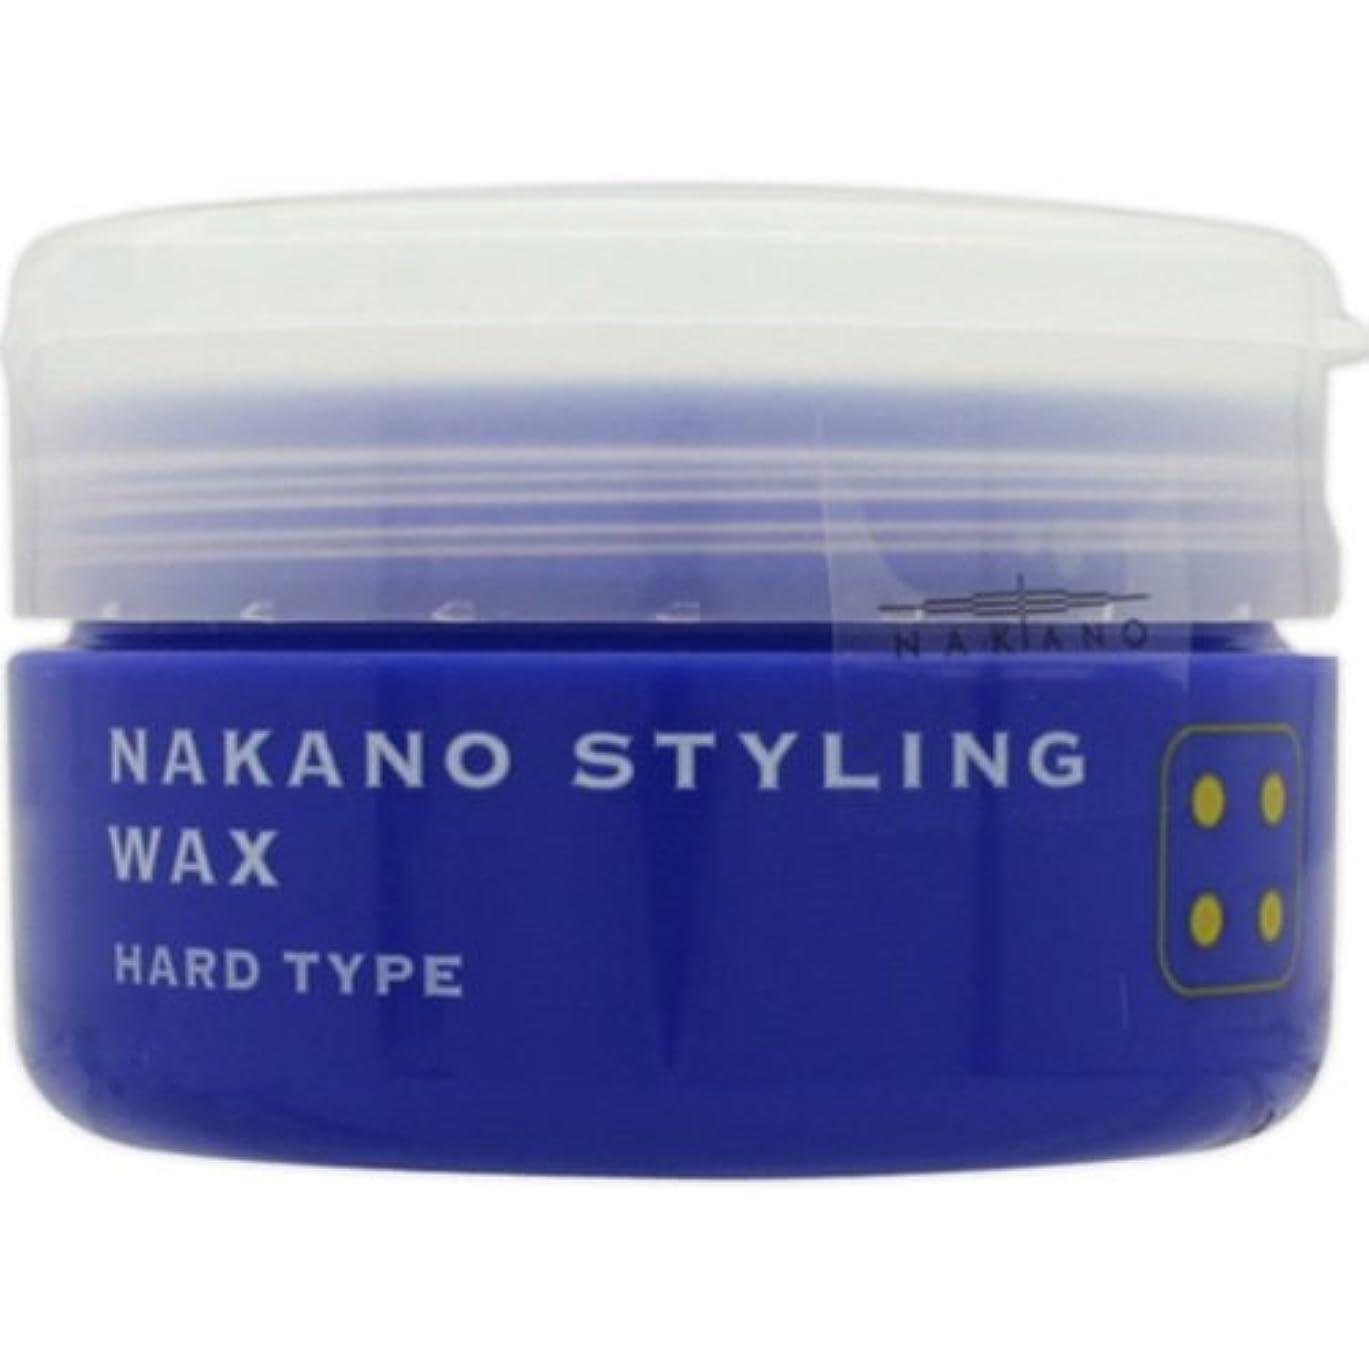 聴覚カッター少しナカノ スタイリングワックス 4 ハードタイプ 90g 中野製薬 NAKANO